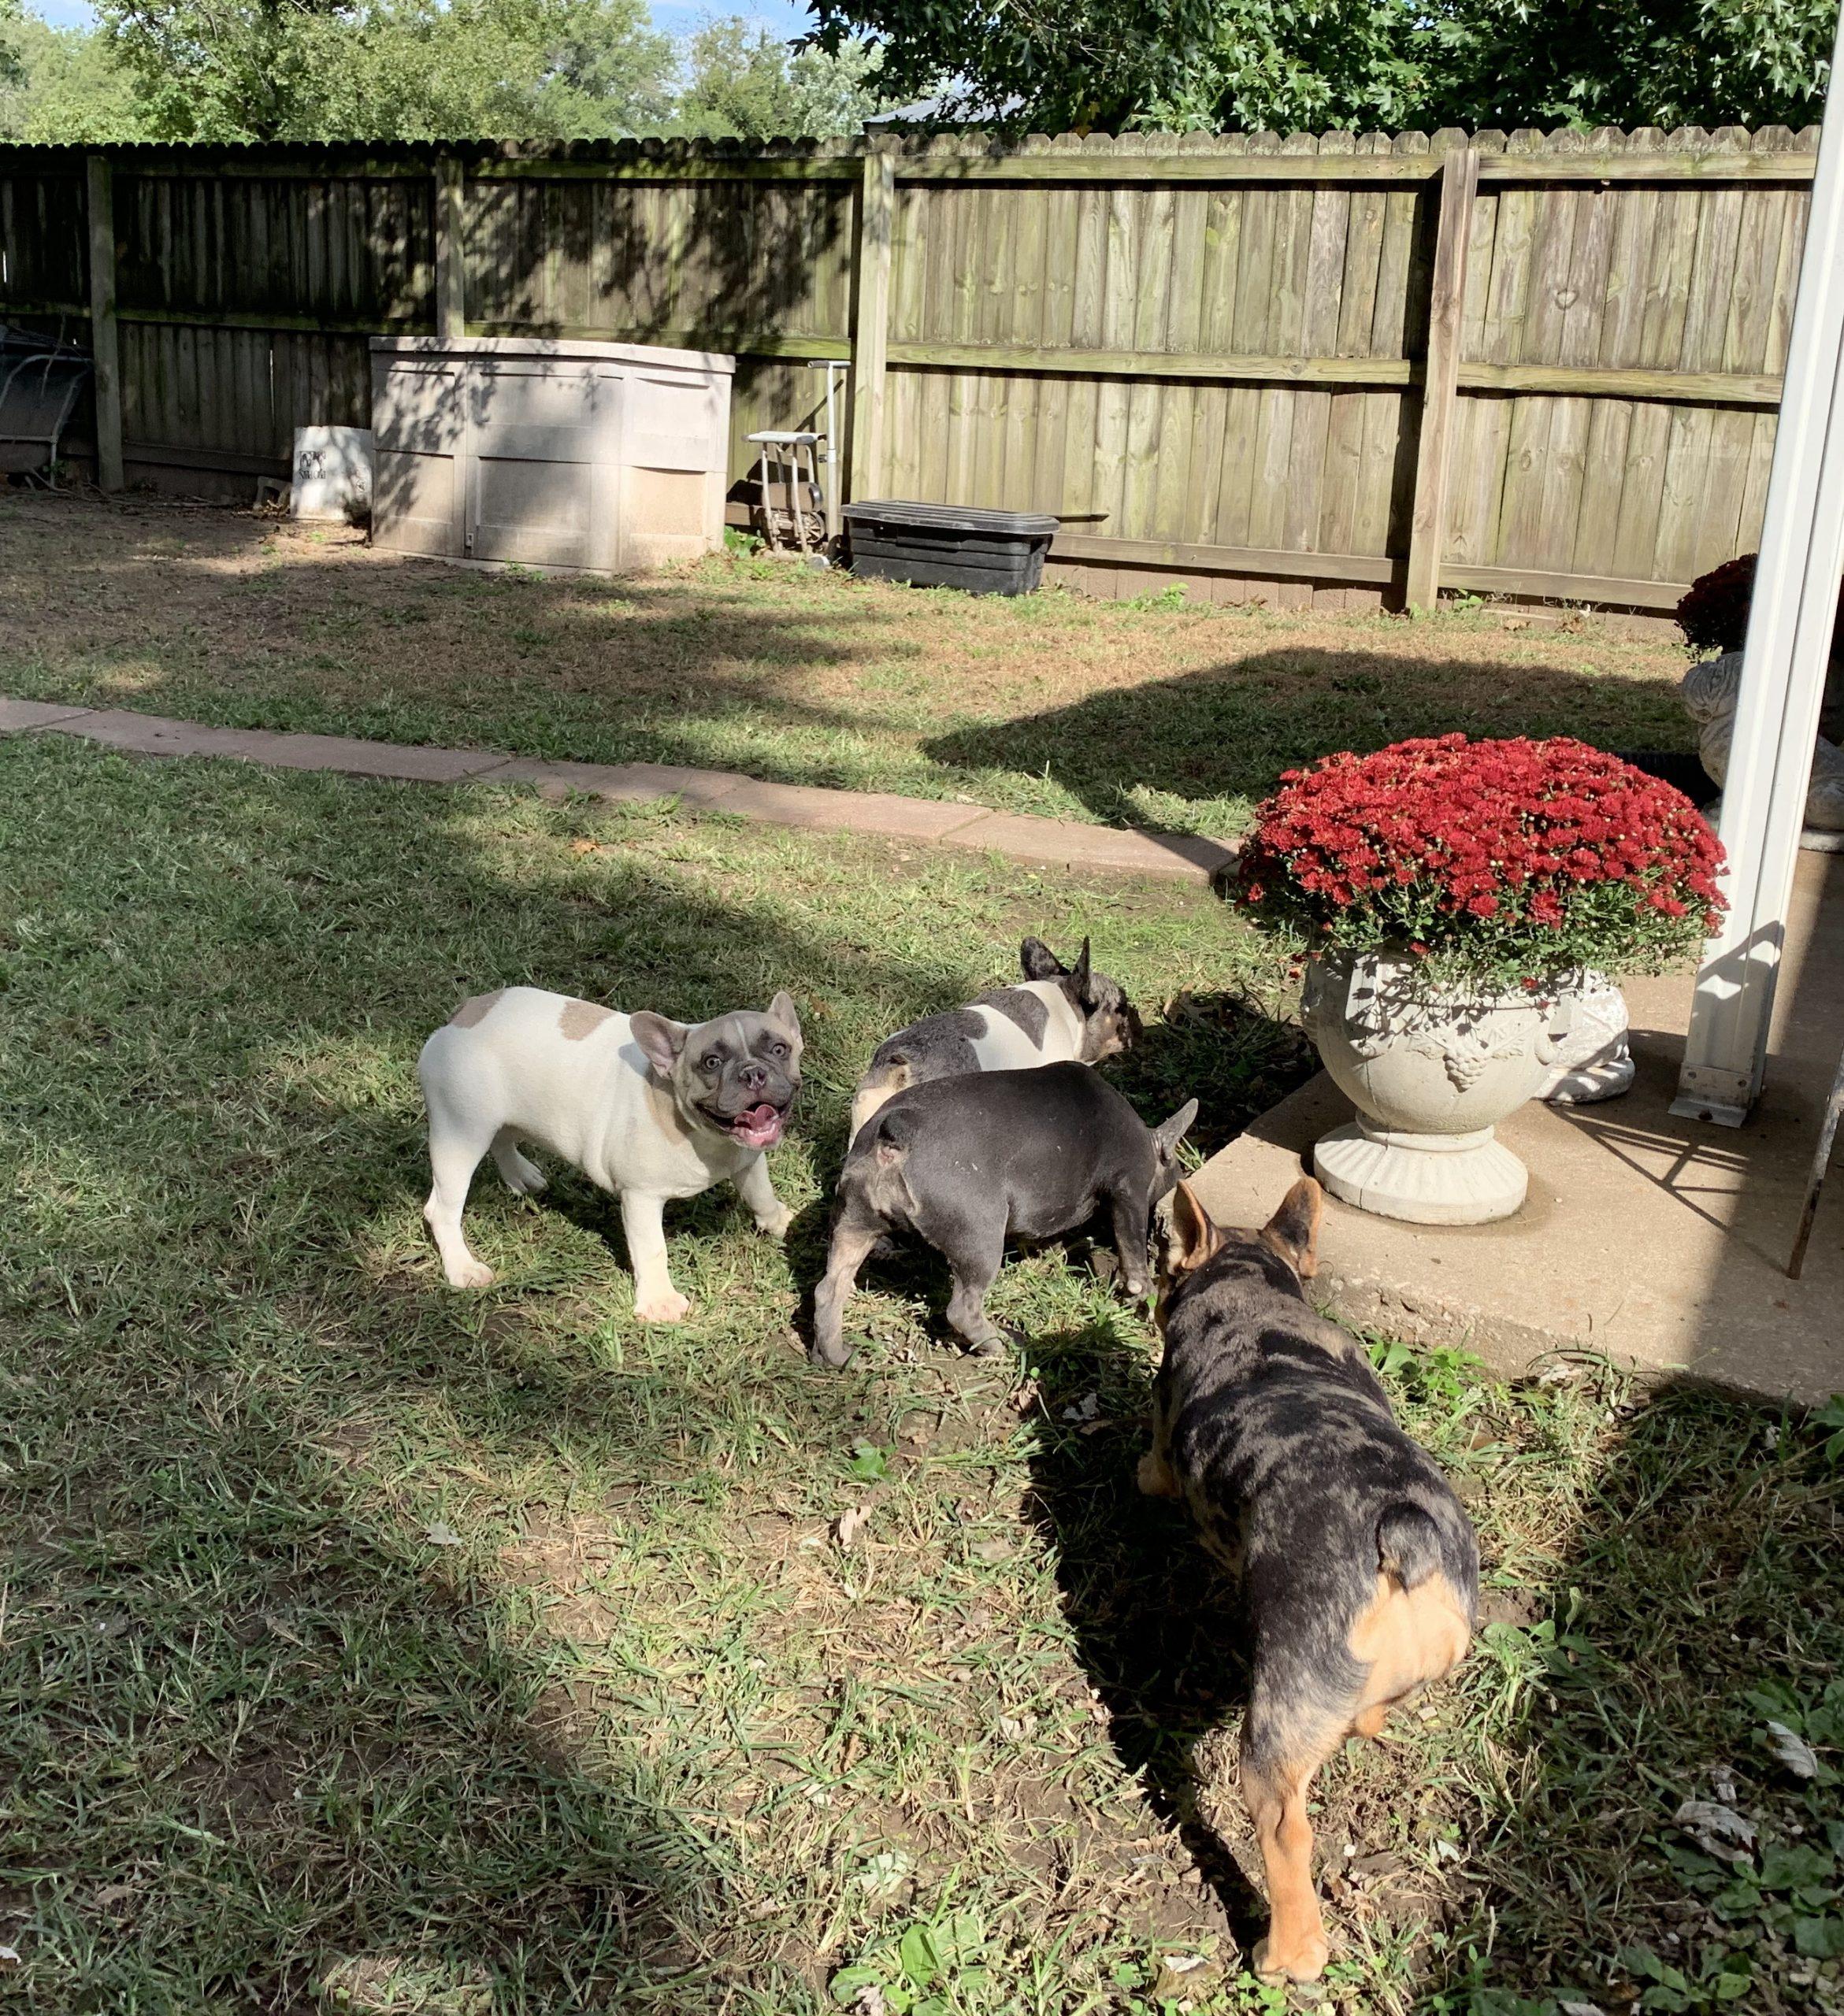 Puppies enjoying the yard